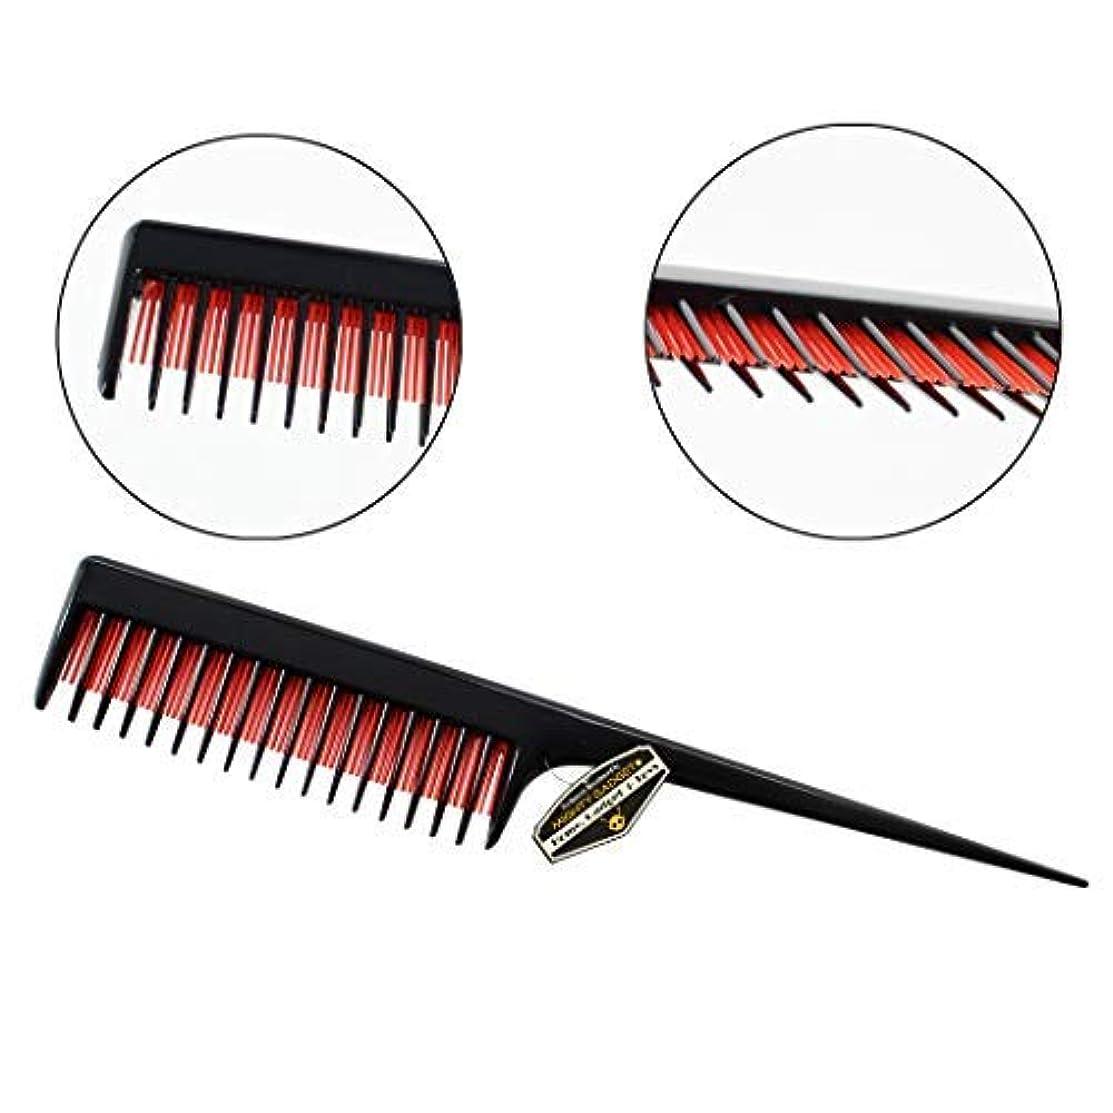 ケープ早めるピアノMighty Gadget 8 inch Teasing Comb - Rat Tail Comb for Back Combing, Root Teasing, Adding Volume, Evening Styling...